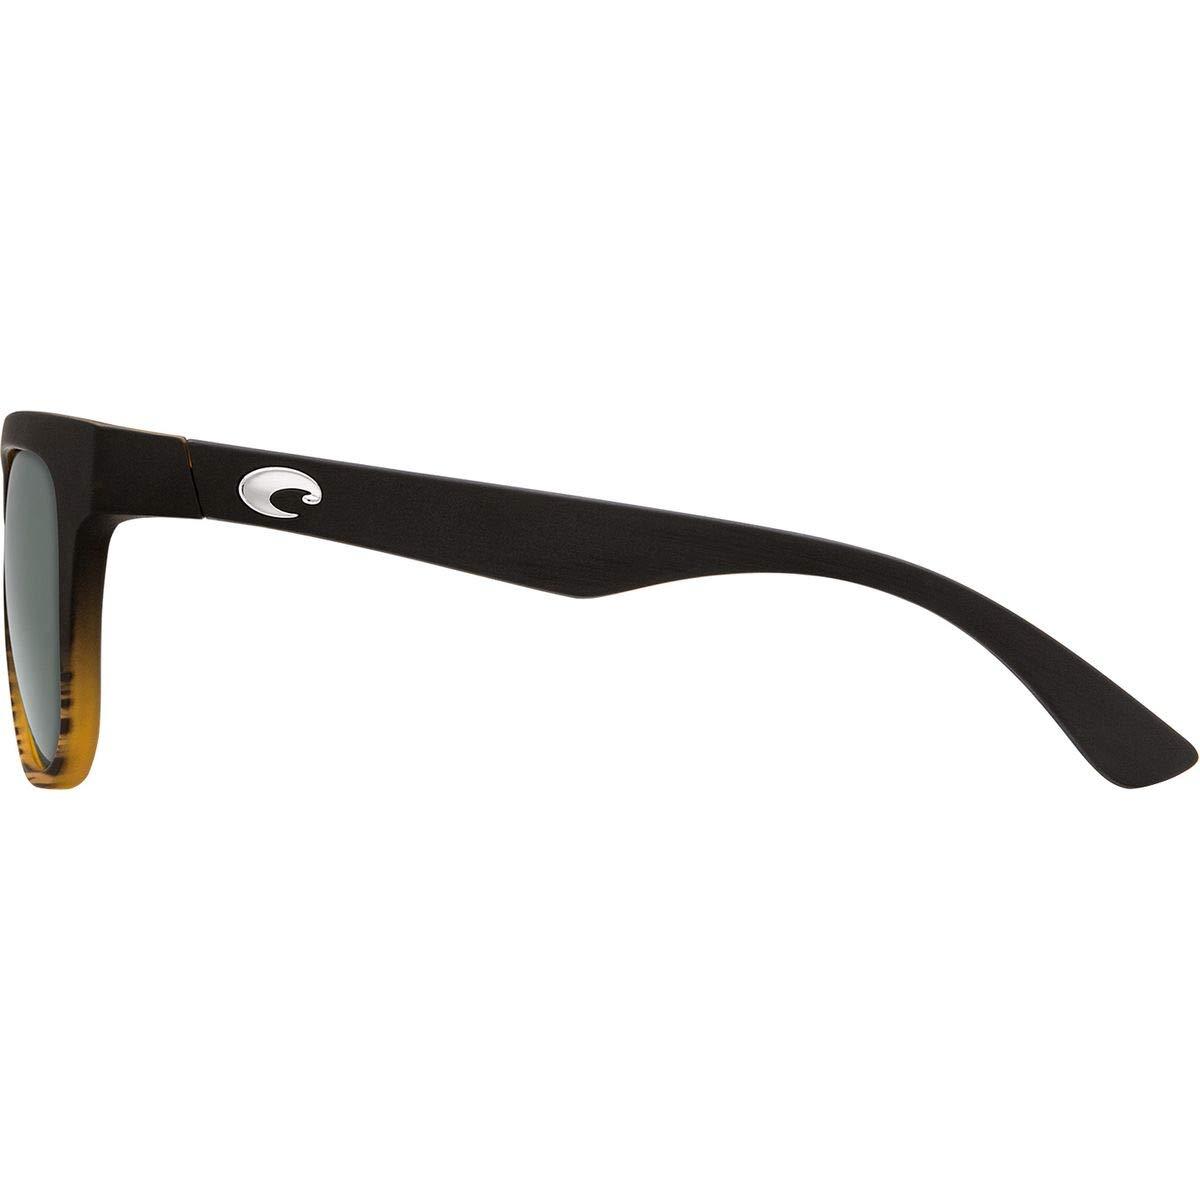 Costa Copra Sunglasses Shiny Retro Tort//Cream//Salmon Green Mirror Pro-Motion Distributing Direct COP106OGMP